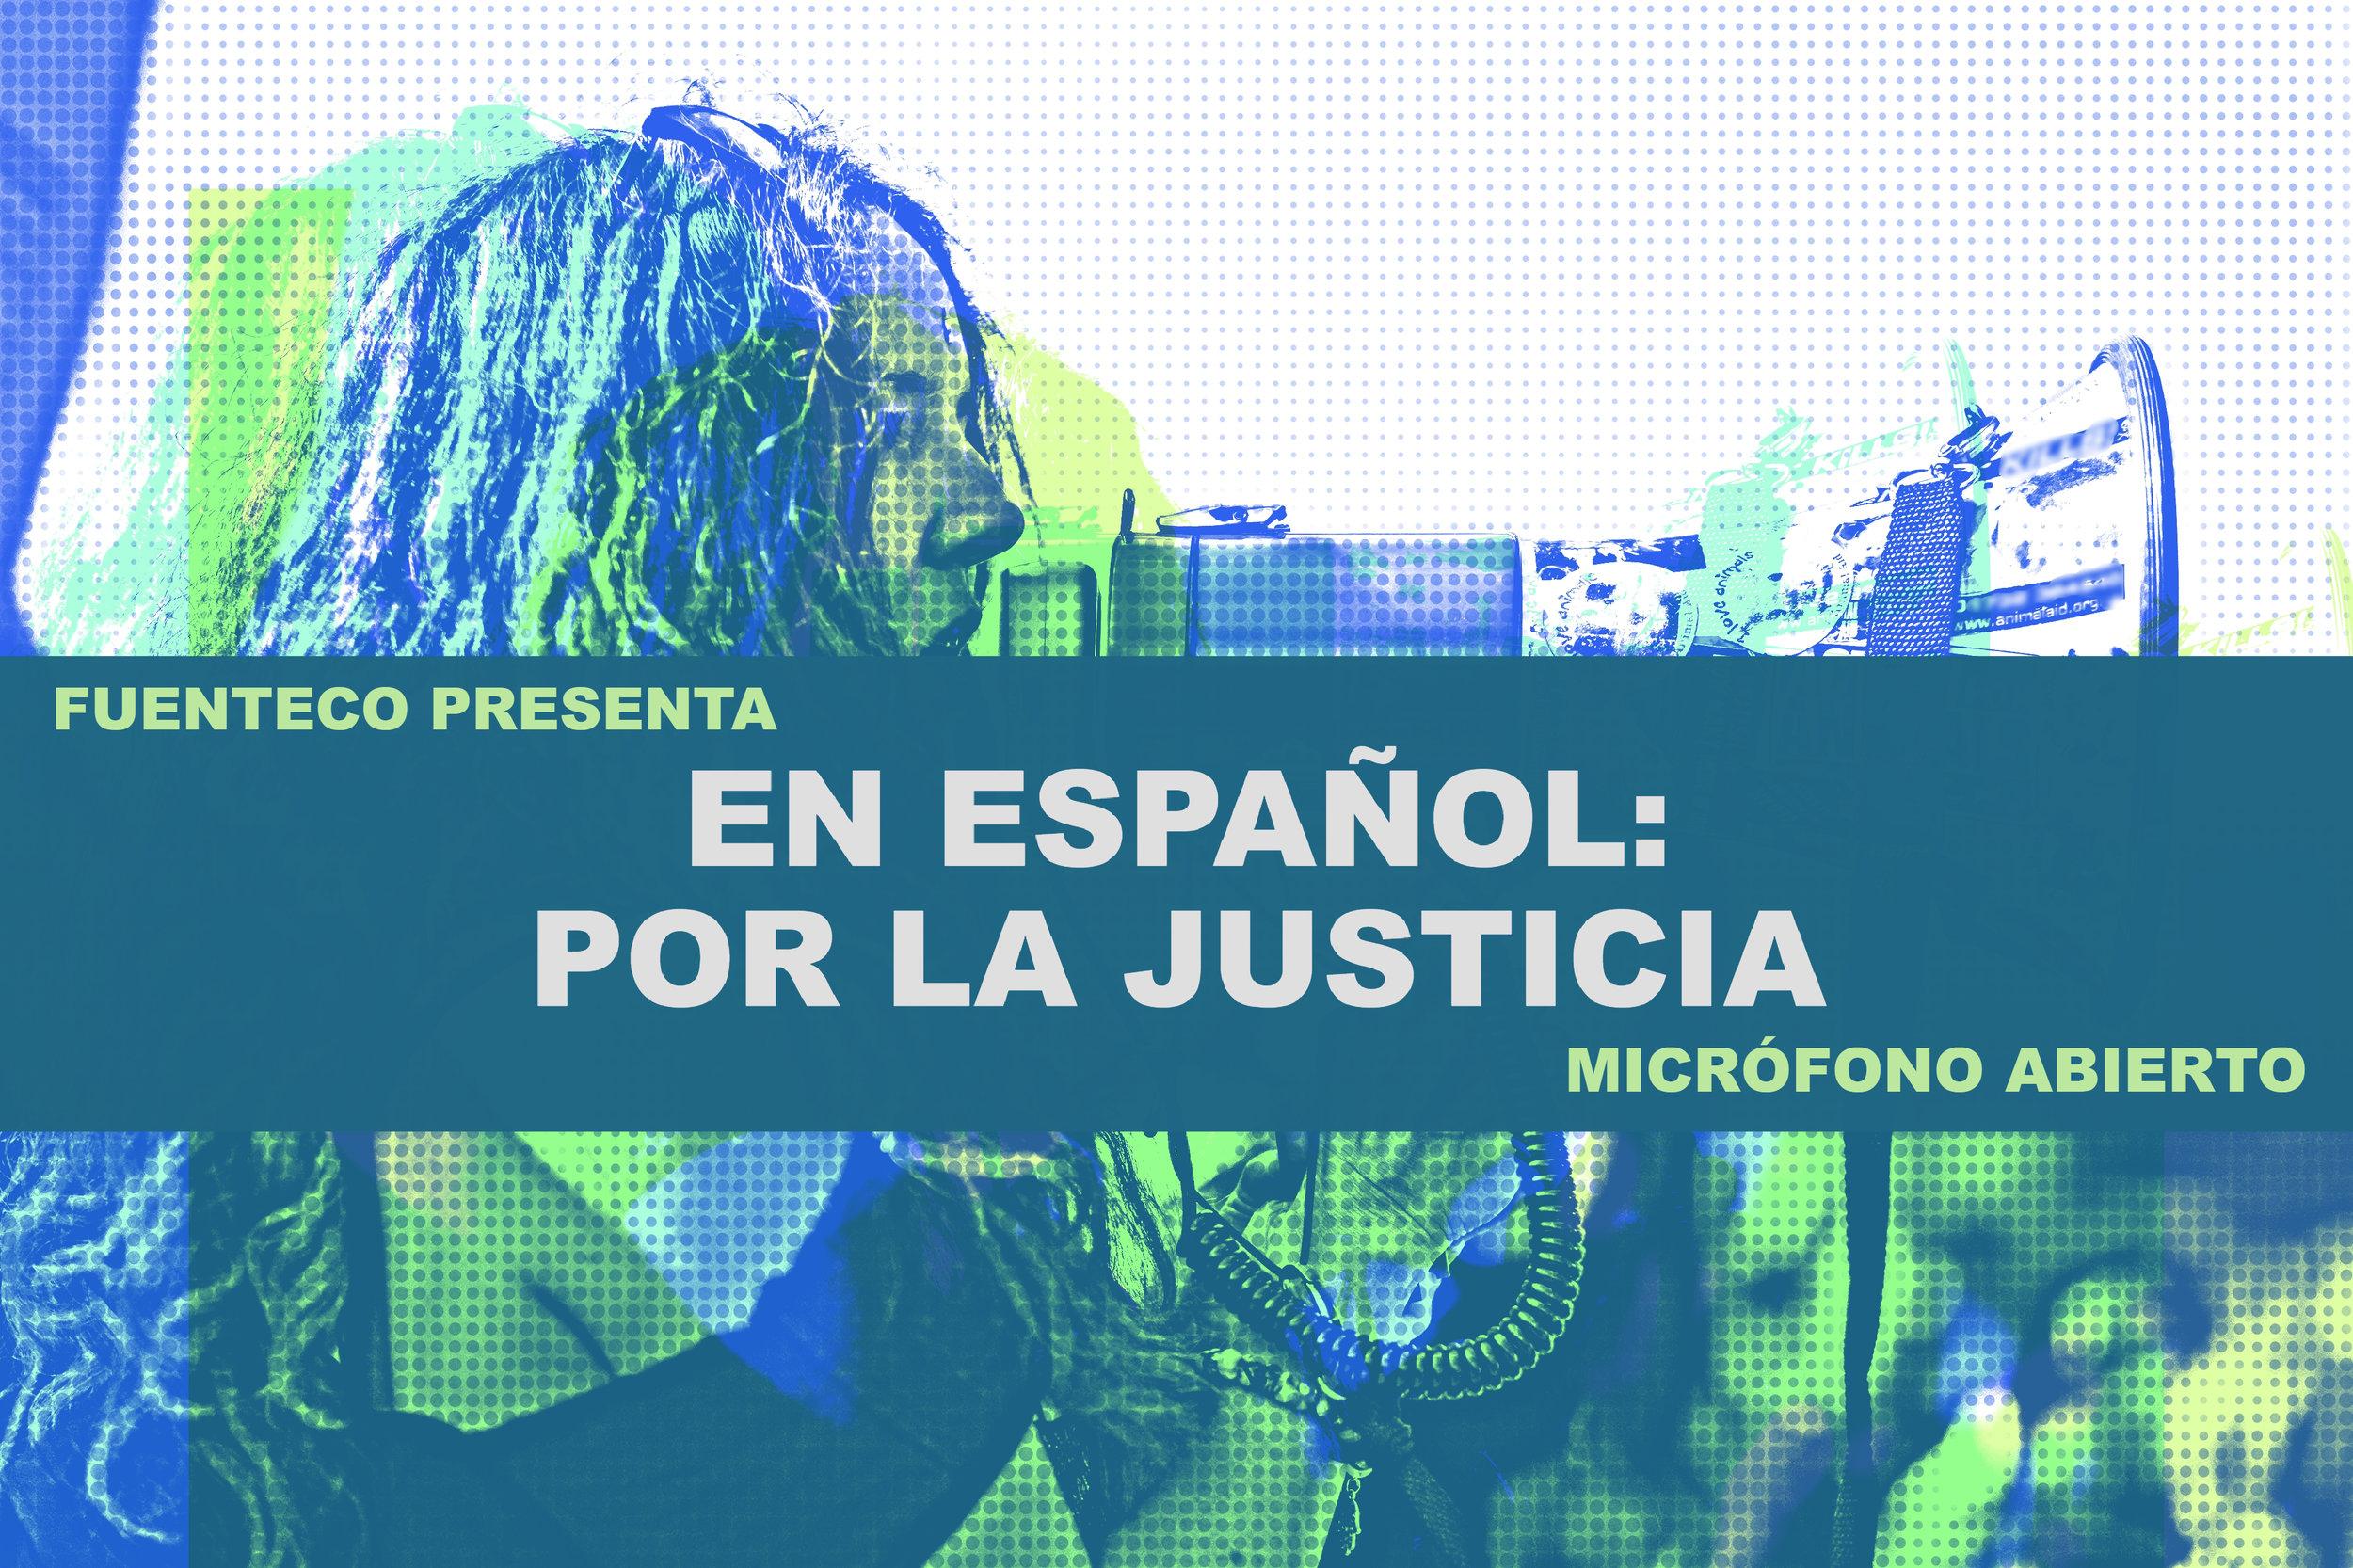 por la justicia_new (1).jpg